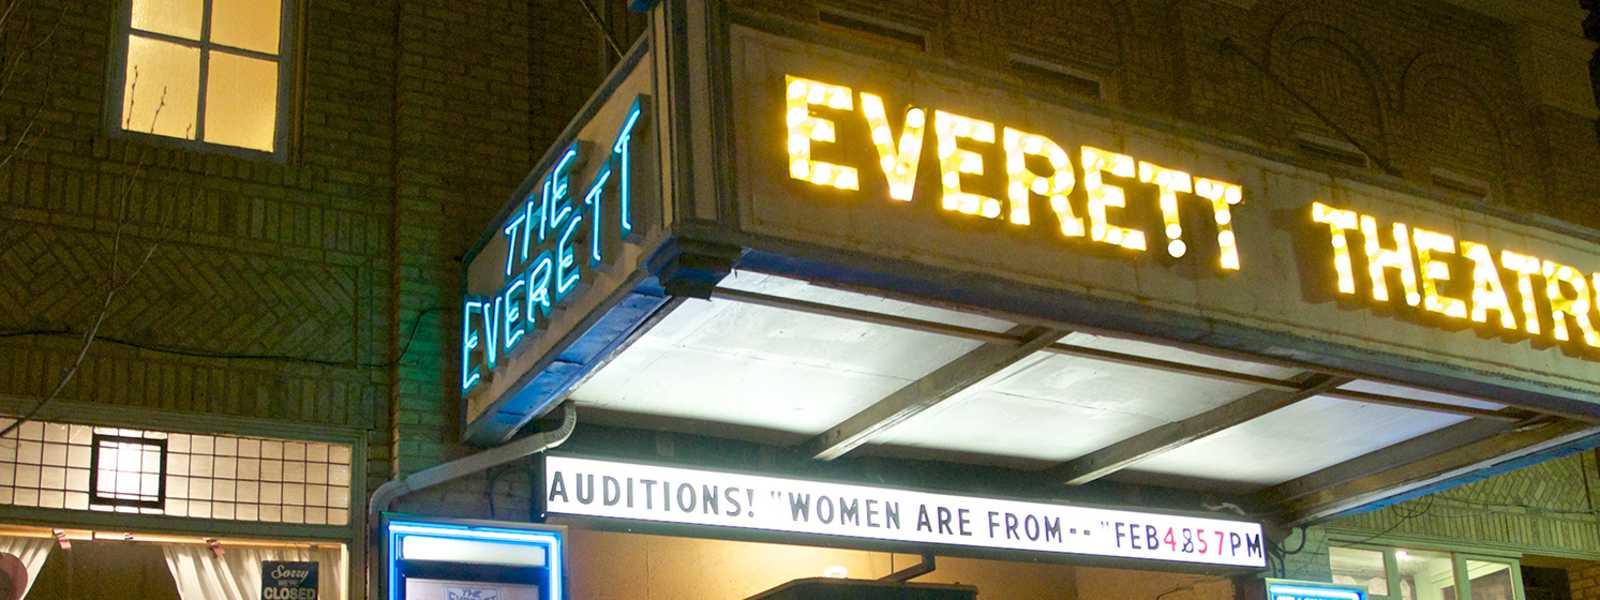 Everett Theatre Middletown, Delaware